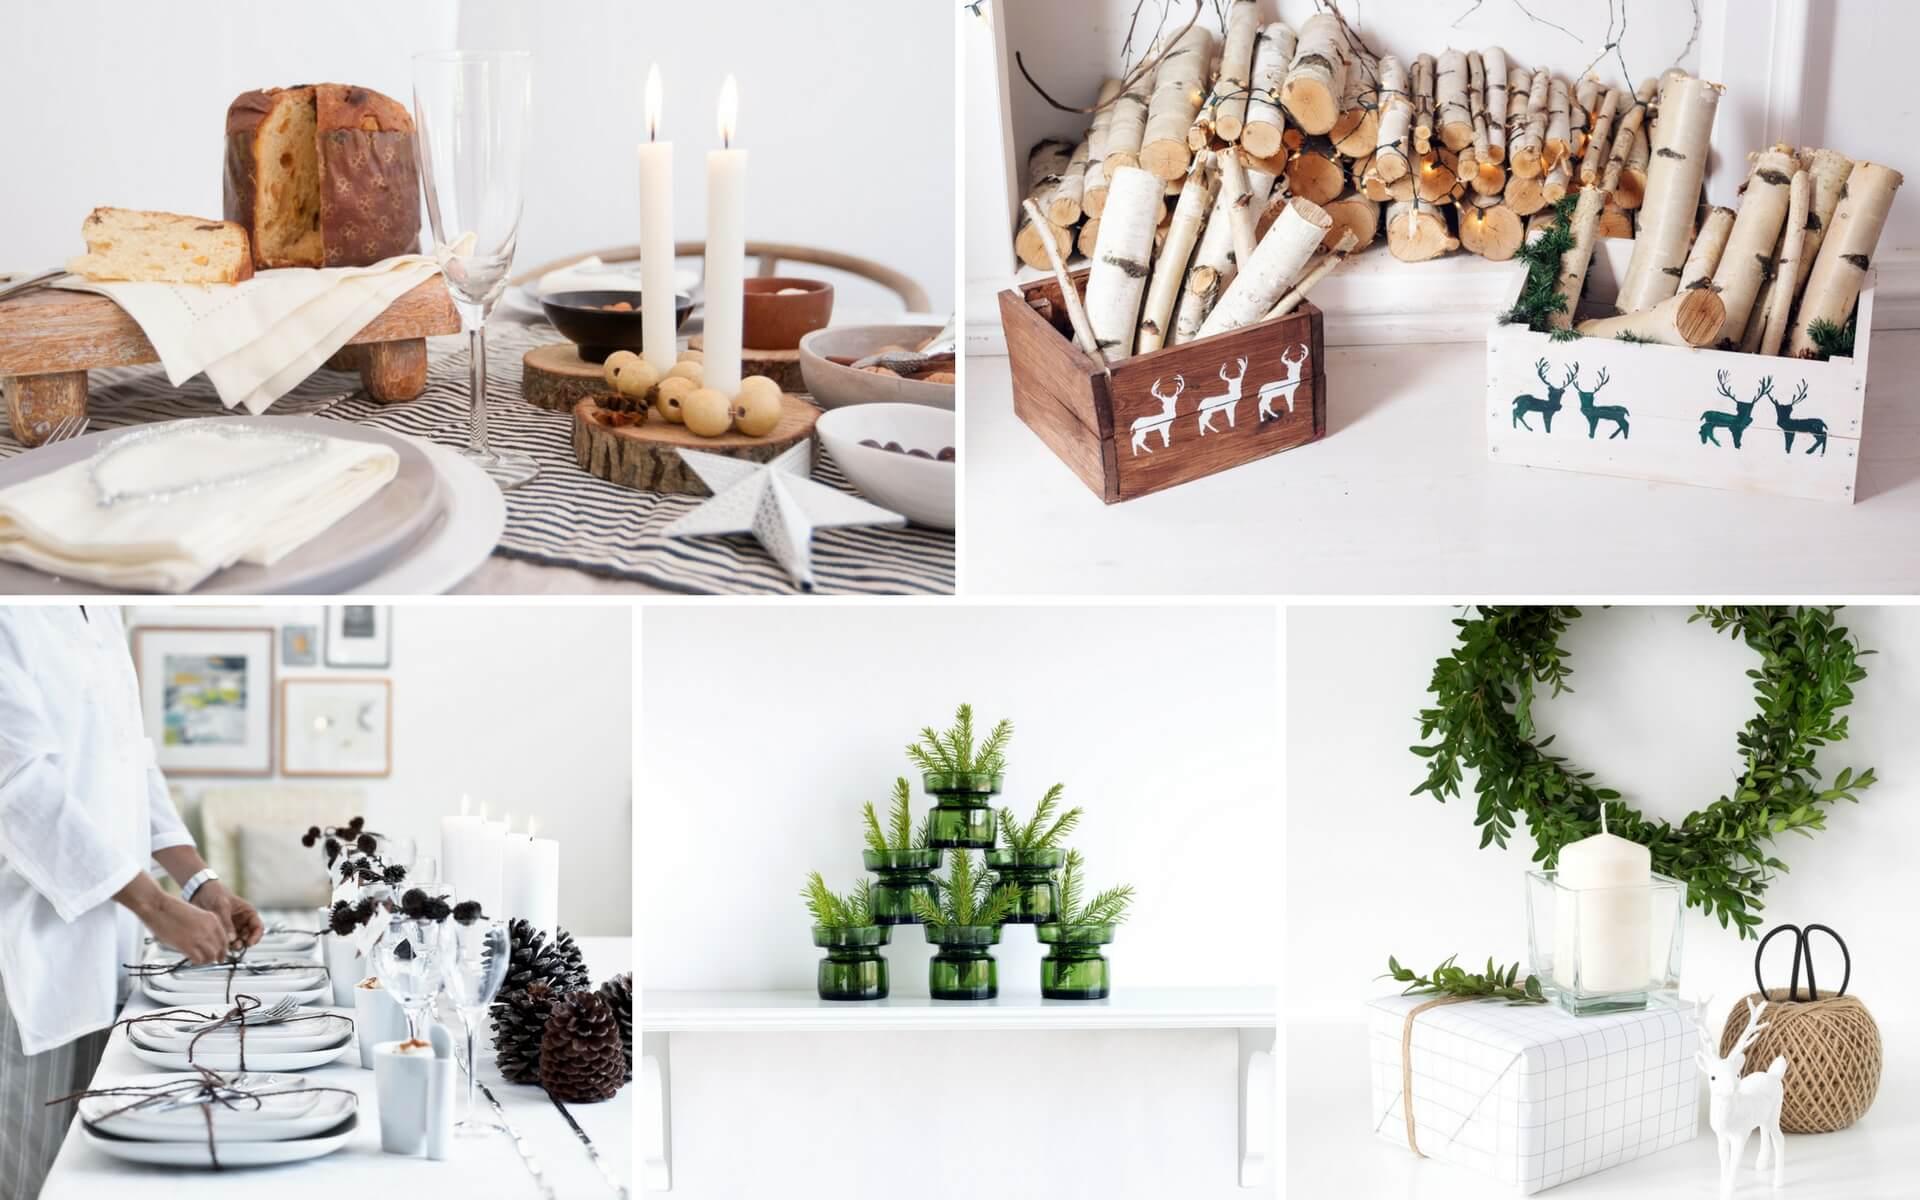 Consigli per degli addobbi natalizi in stile rustico e vintage